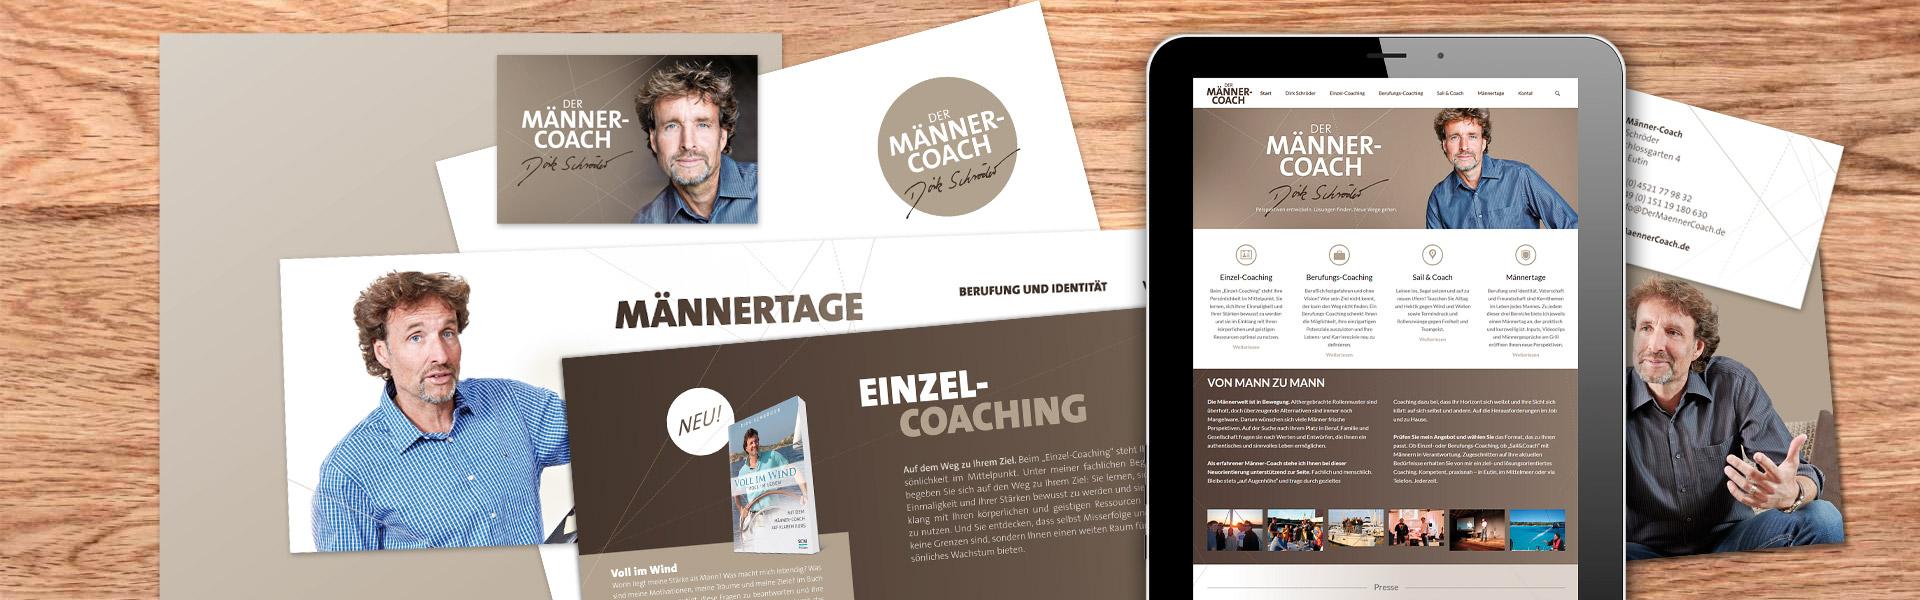 Dirk-Schroeder_Startseite_v2